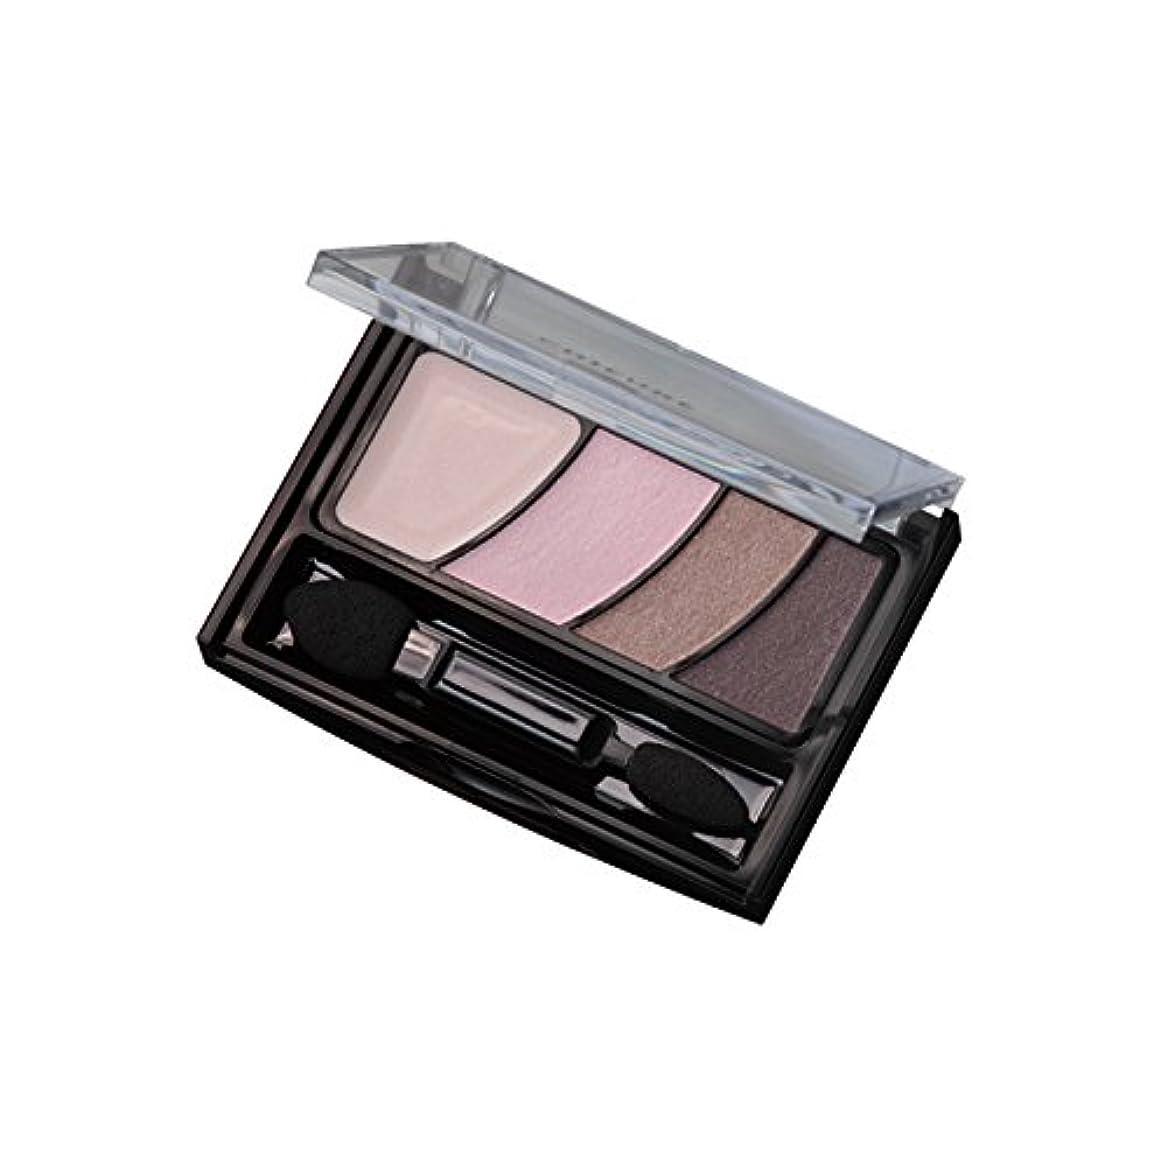 返還退化する飛躍ちふれ化粧品 グラデーション アイ カラー(チップ付) ピンク系 アイカラー12